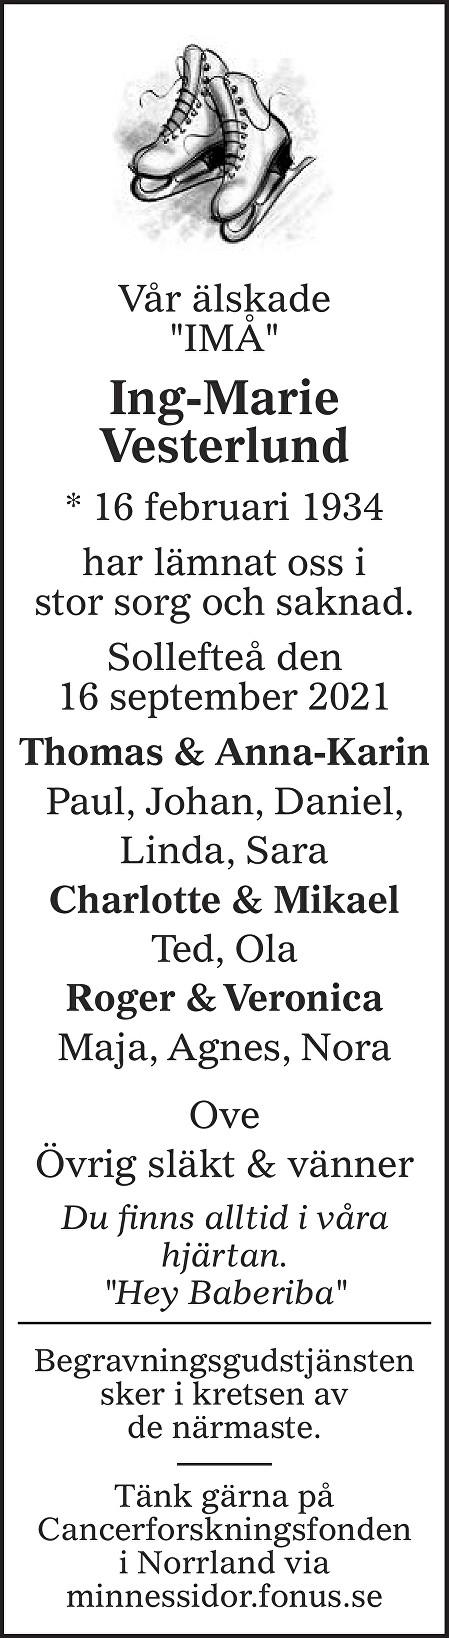 Ing-Marie Vesterlund Death notice